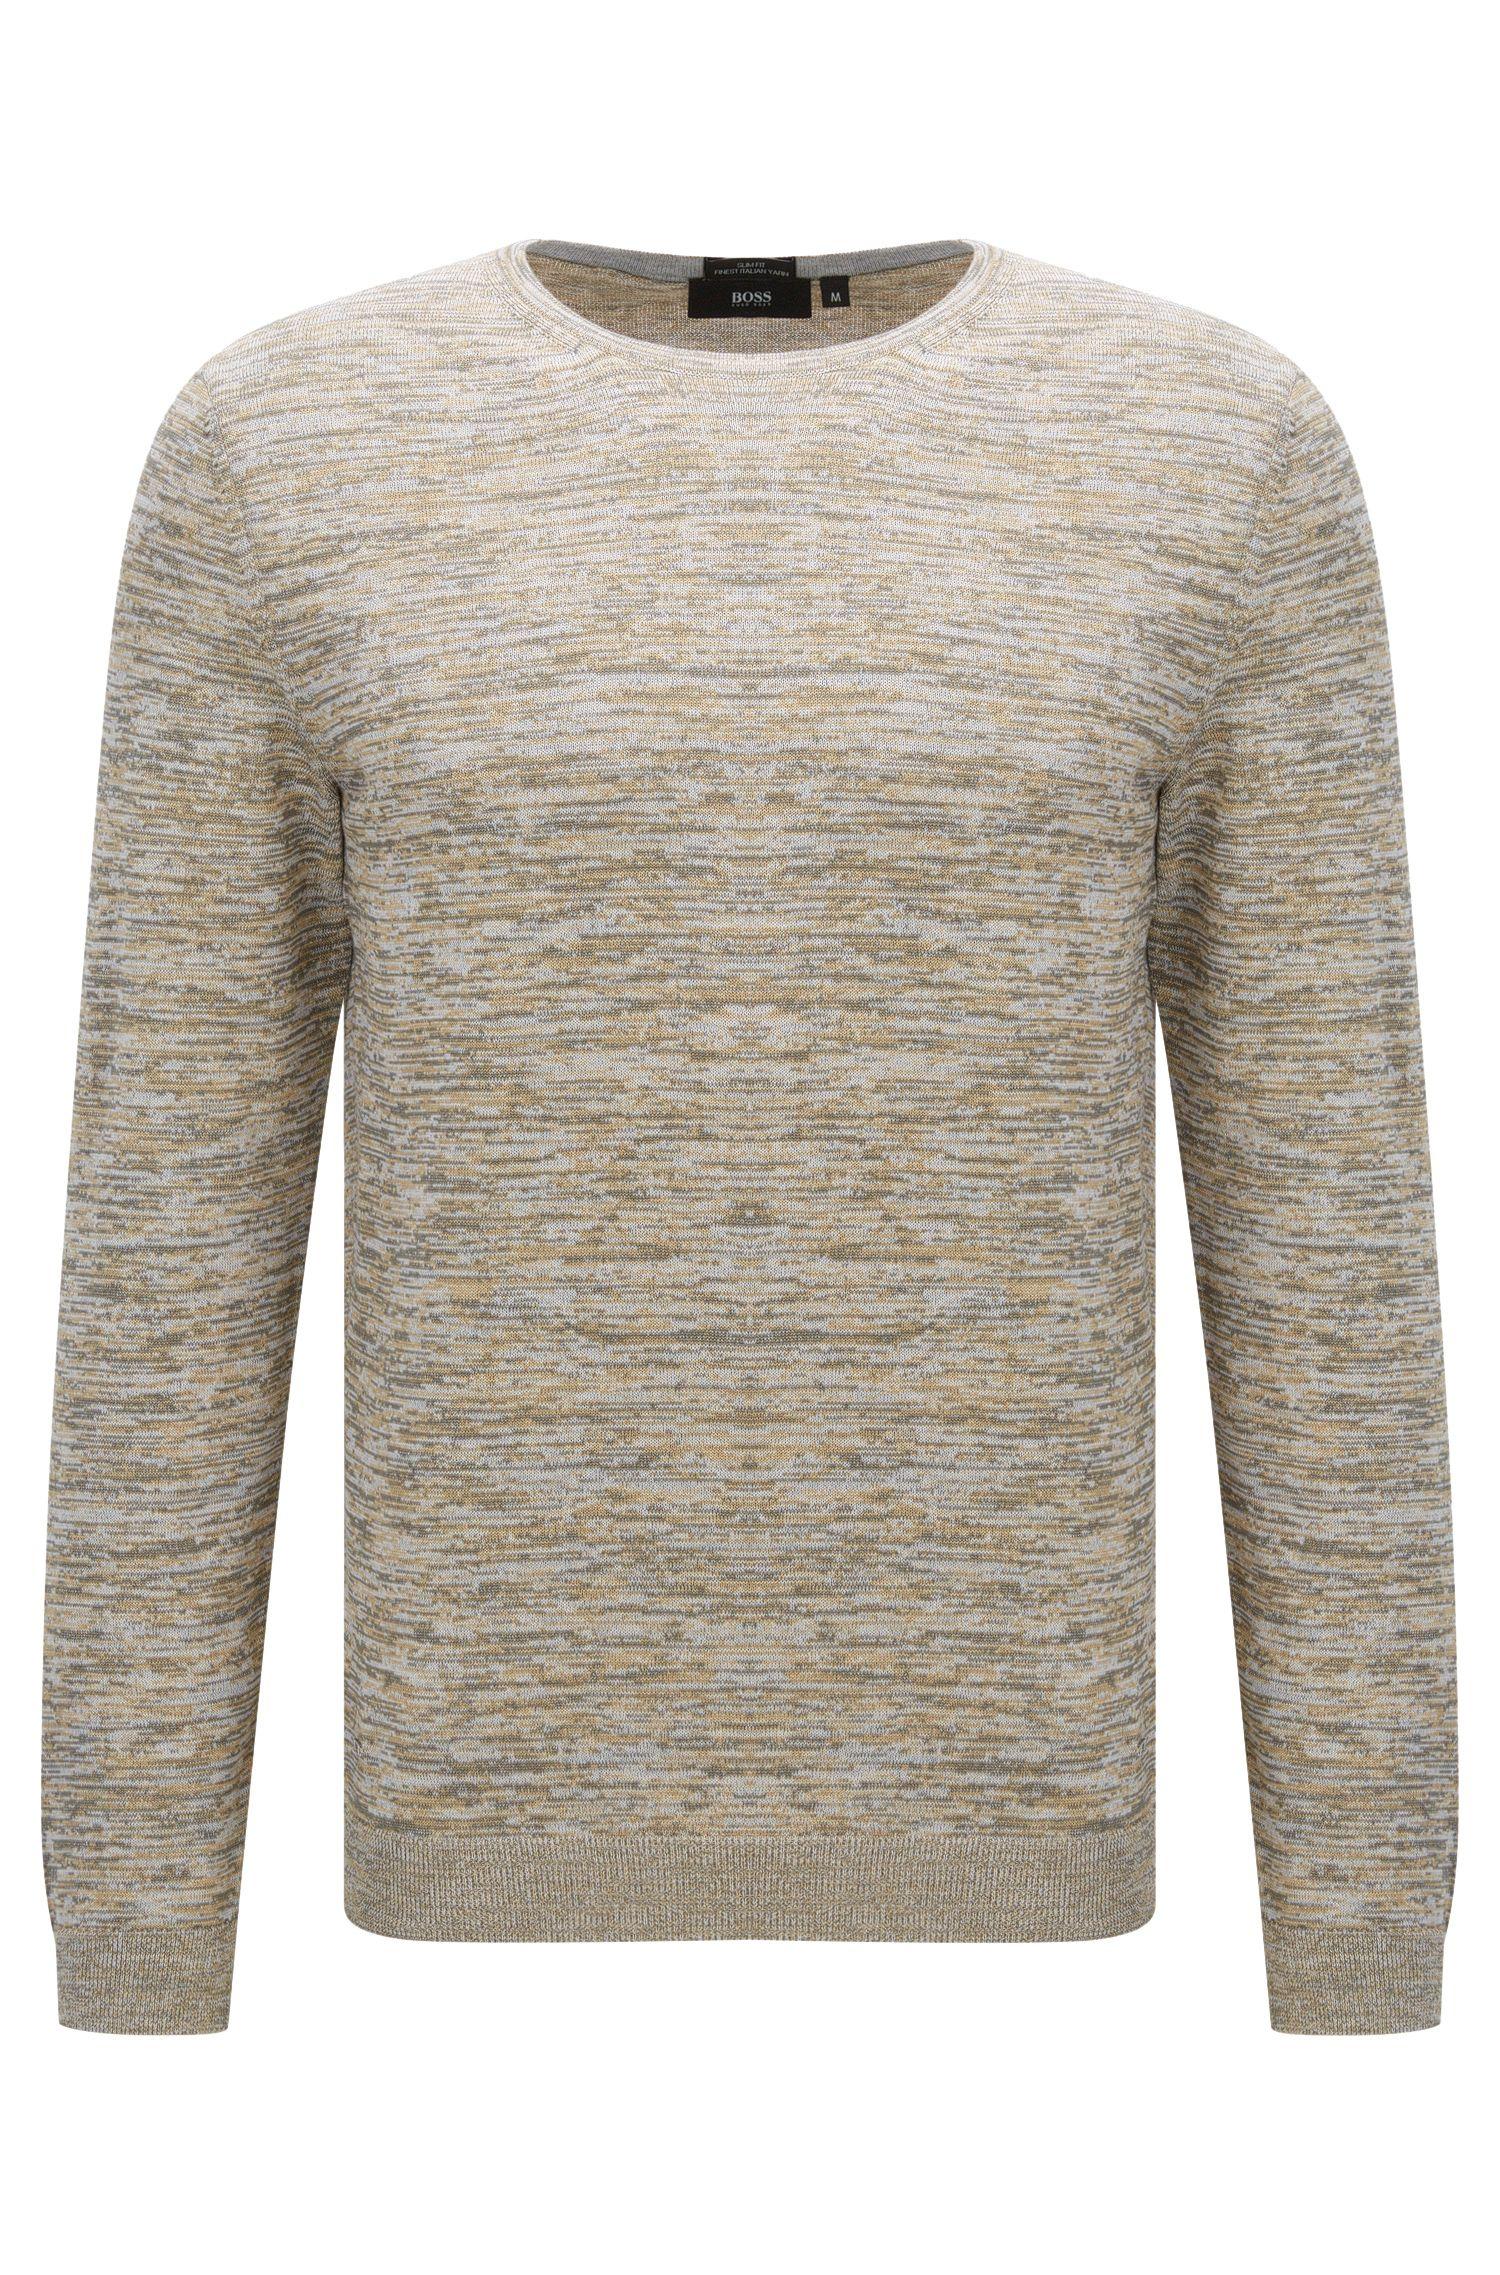 Unifarbener Slim-Fit Pullover aus Baumwolle: 'Fines-O'